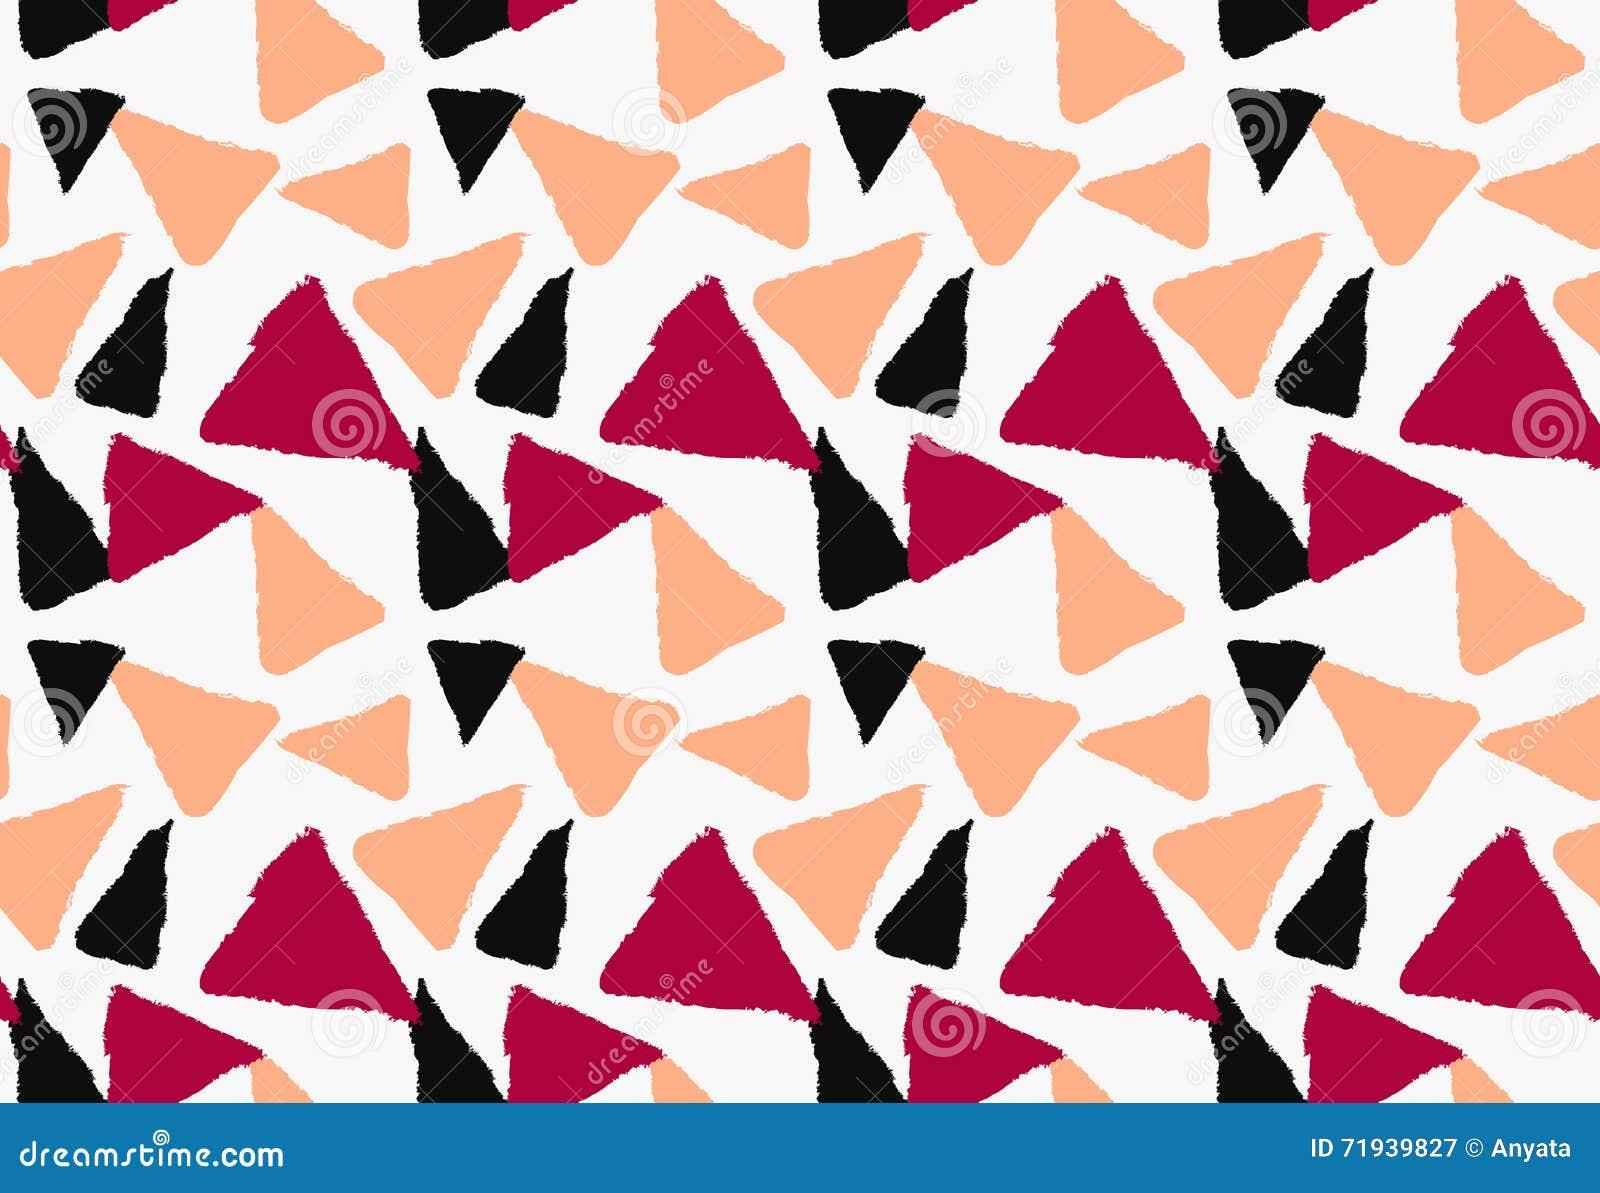 Нарисованные отметкой оранжевого треугольники красного цвета и черноты